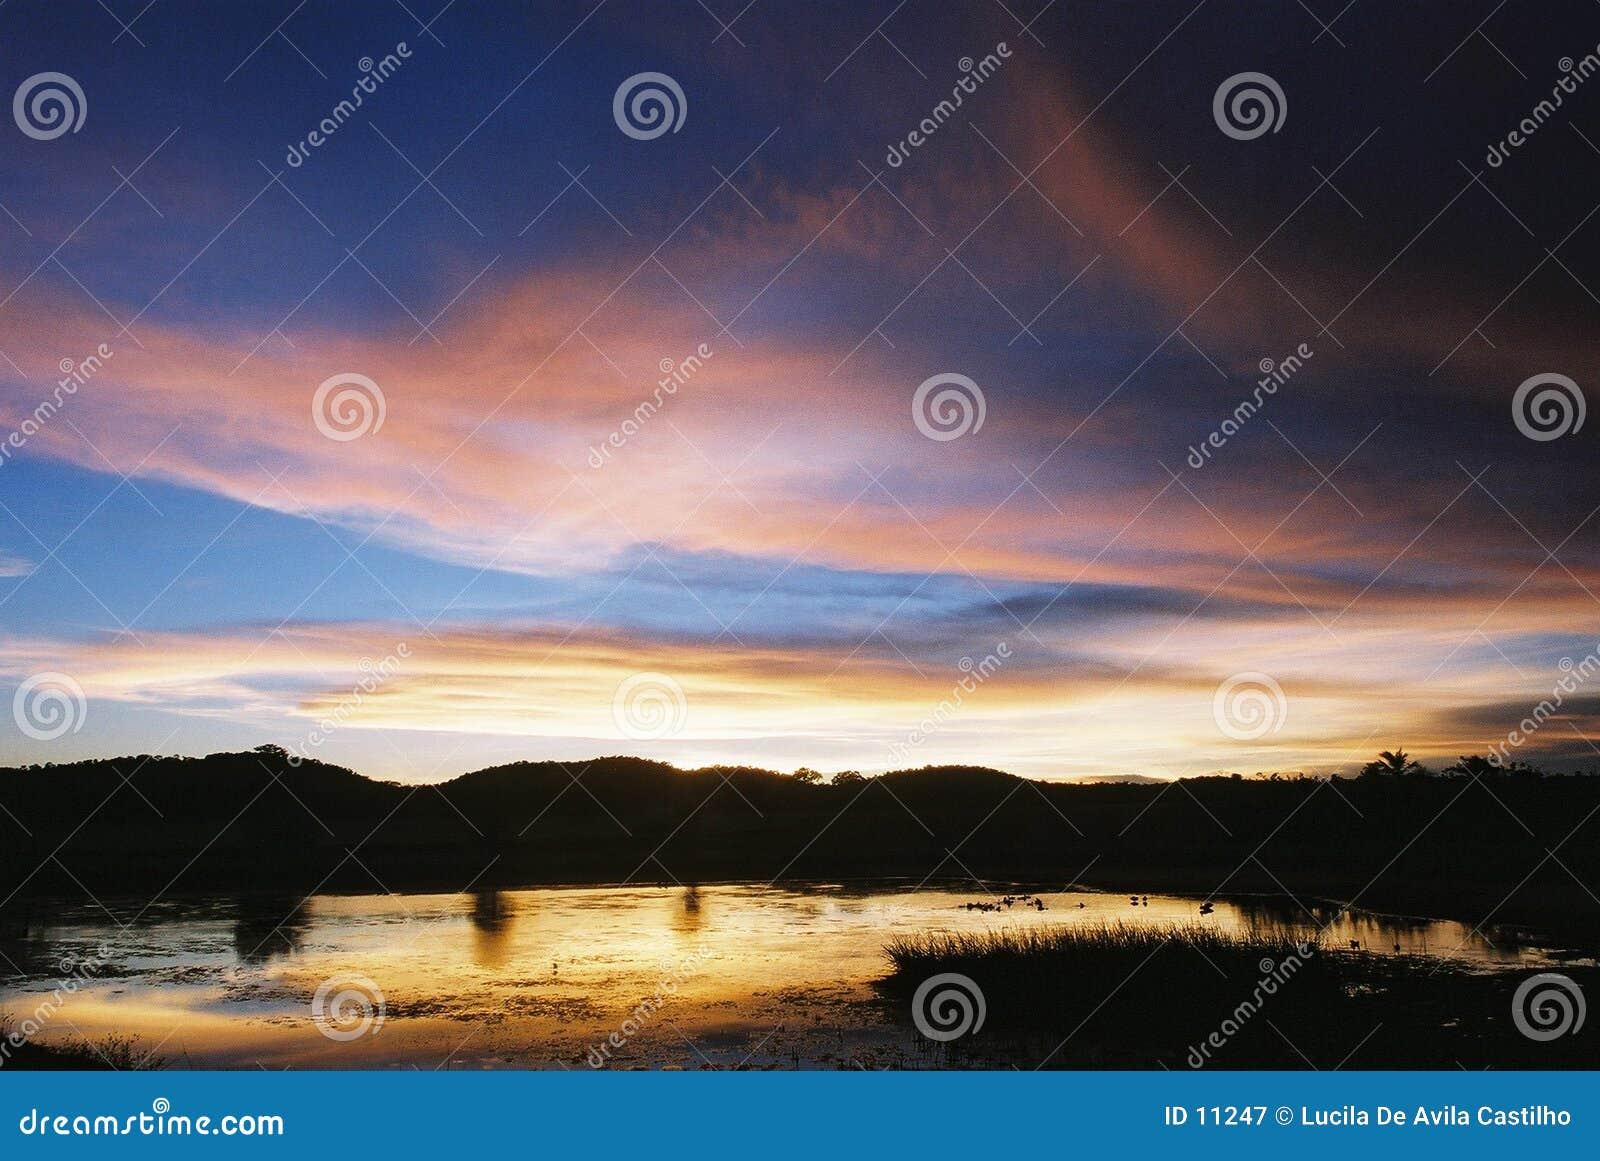 Sonnenuntergang am Blaufisch